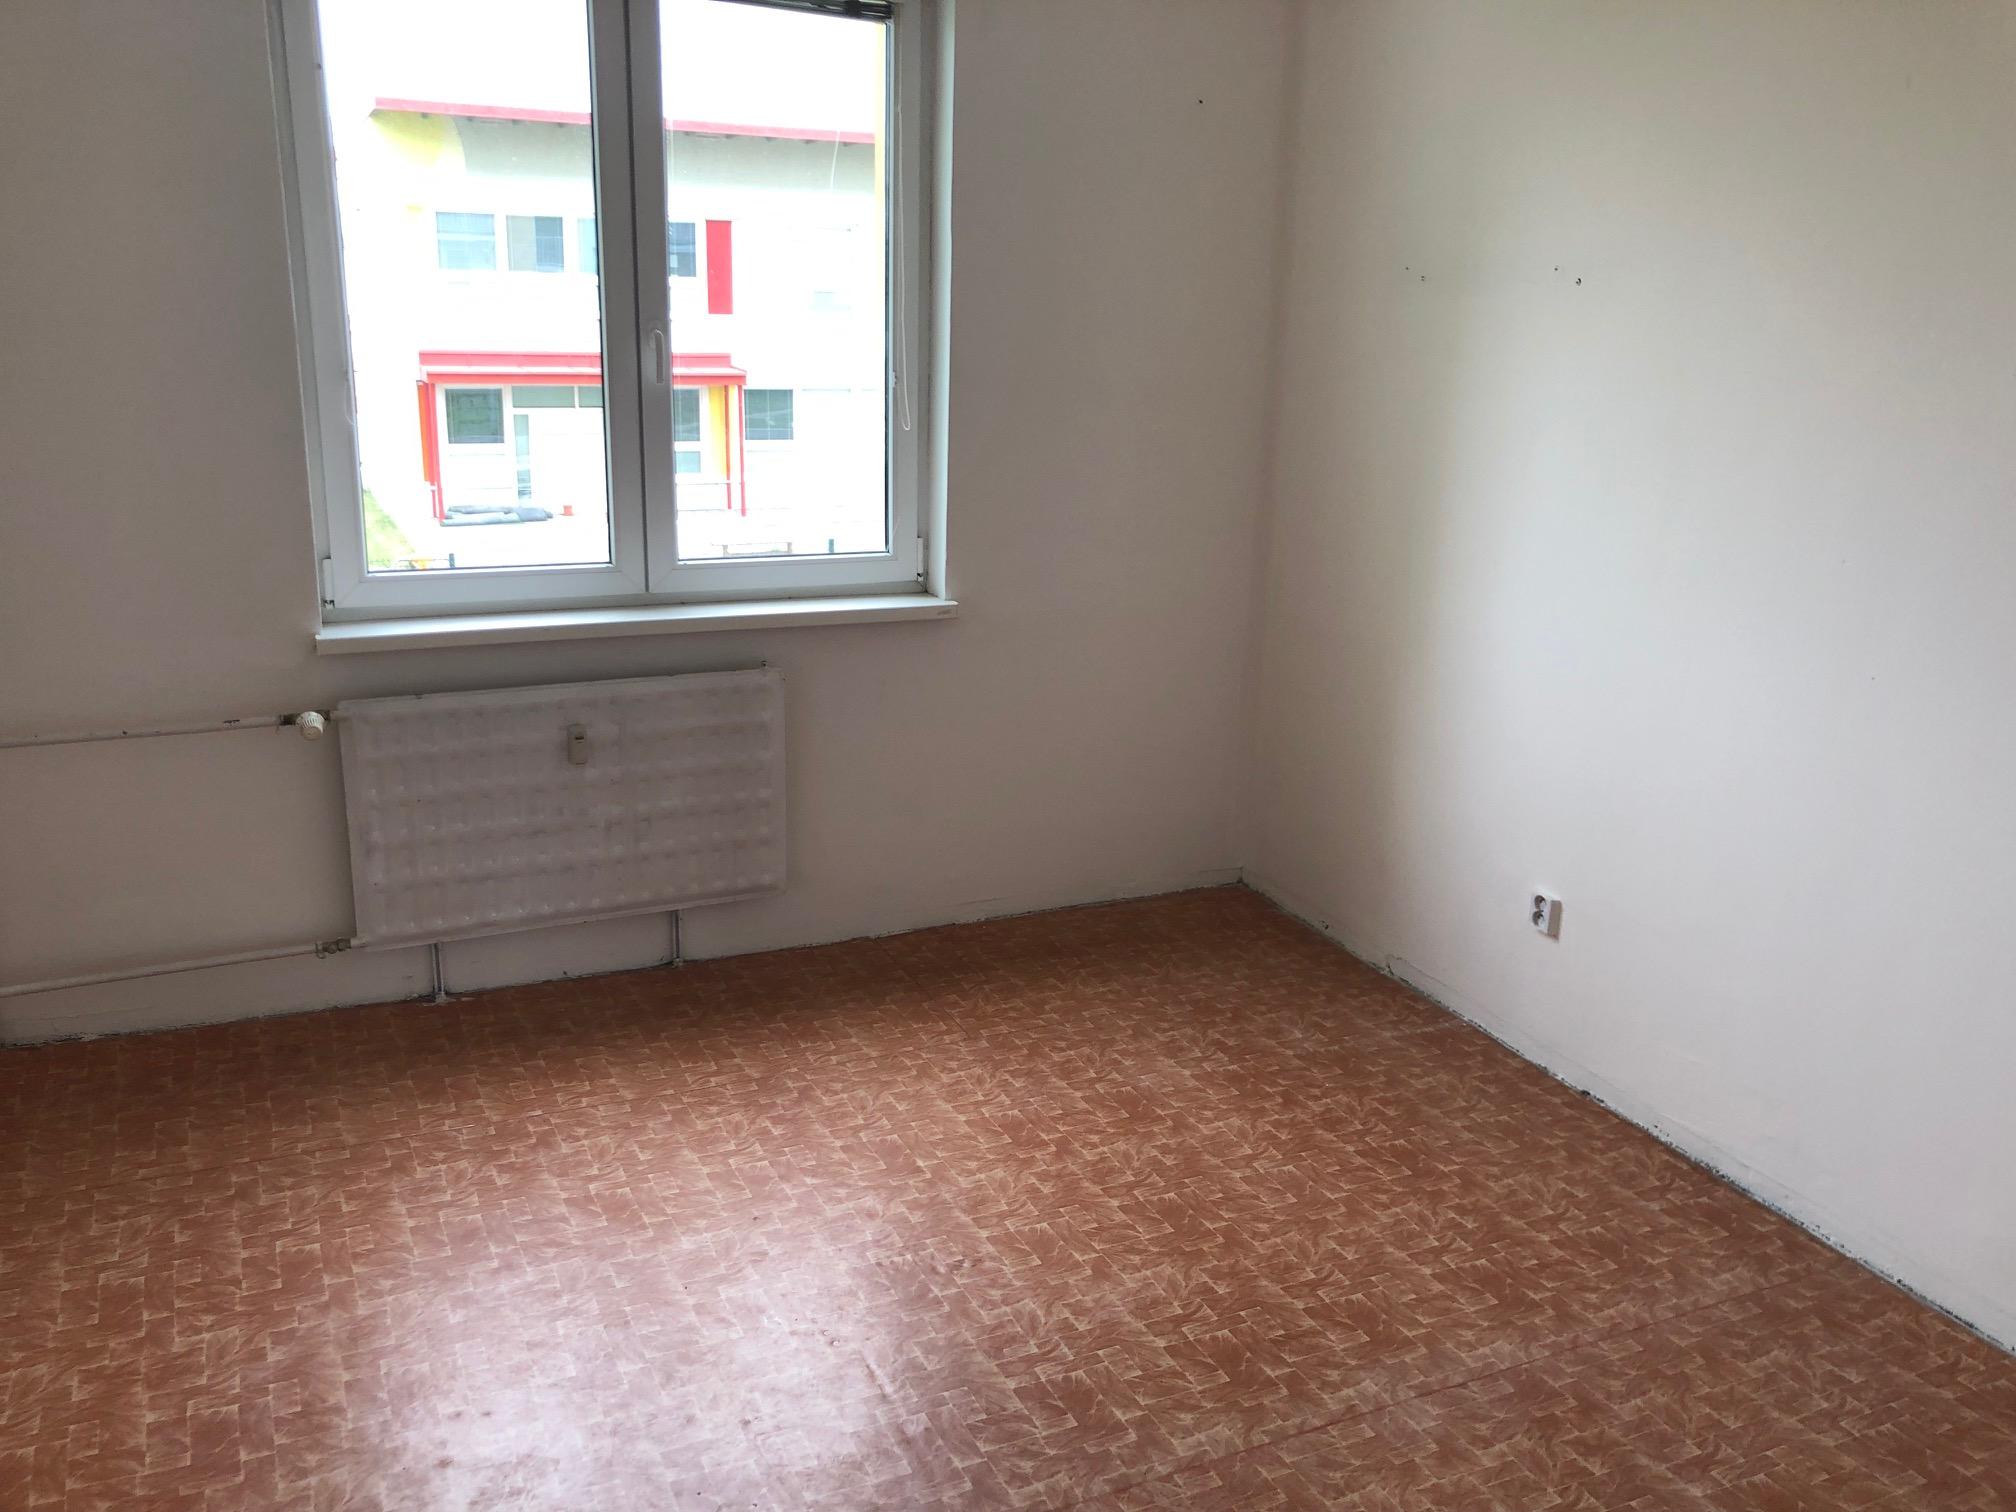 Predané: 2 izbový byt, 52m2, pivnica, pôvodný stav, Skuteckého, Malacky Juh-22